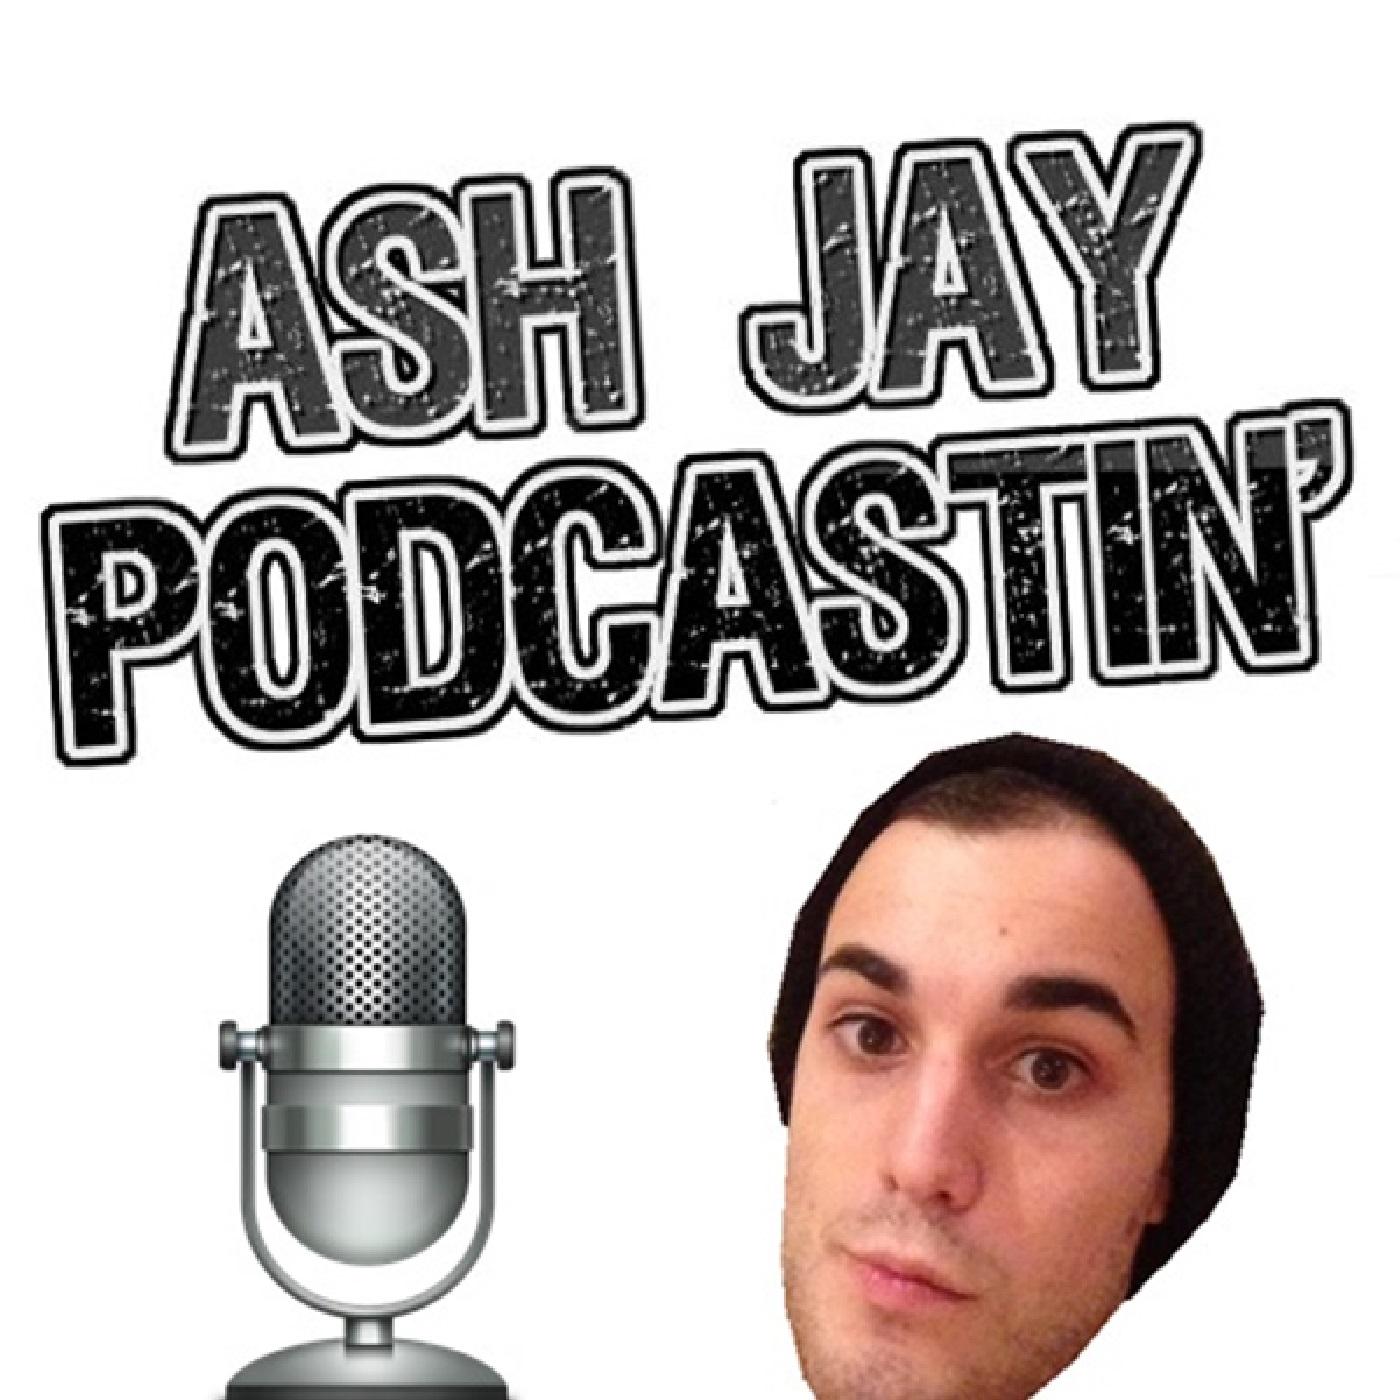 Ash Jay Podcastin'